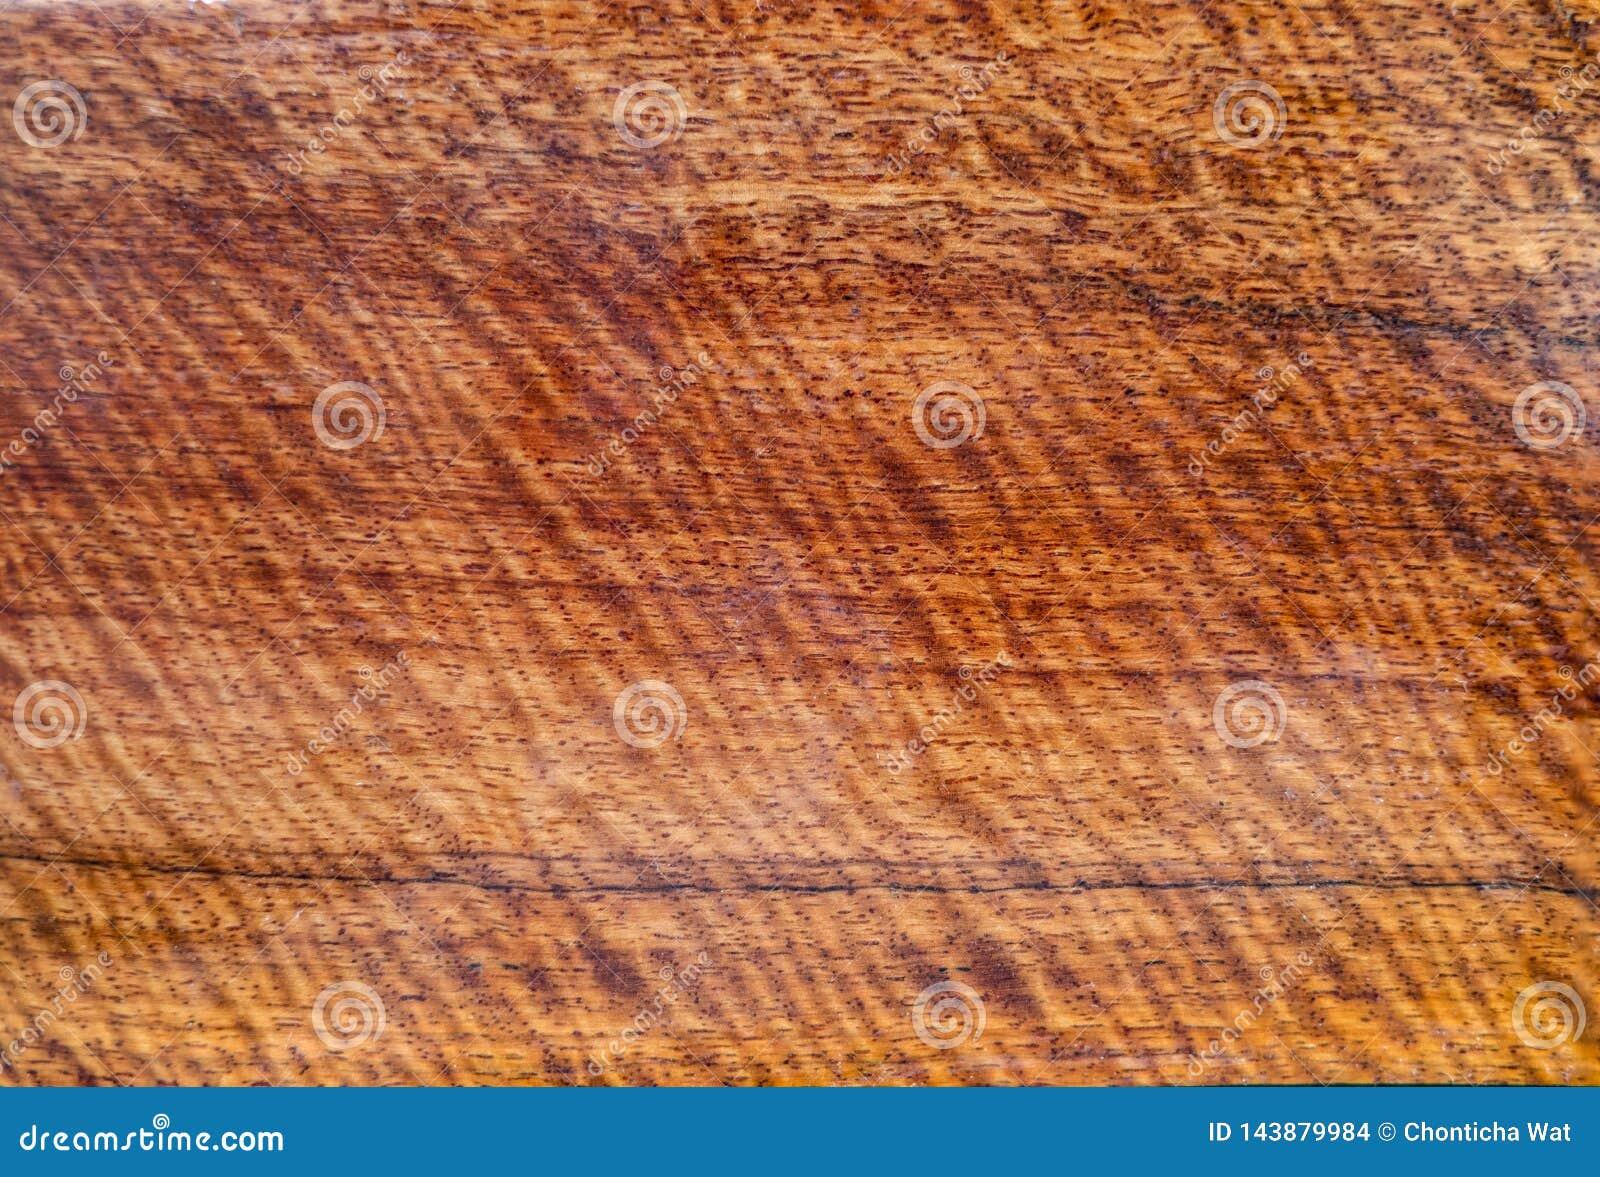 Drewno tygrysiego lampas lub kędzierzawą lampas adrę, drewniany egzotyczny piękny wzór dla rzemioseł